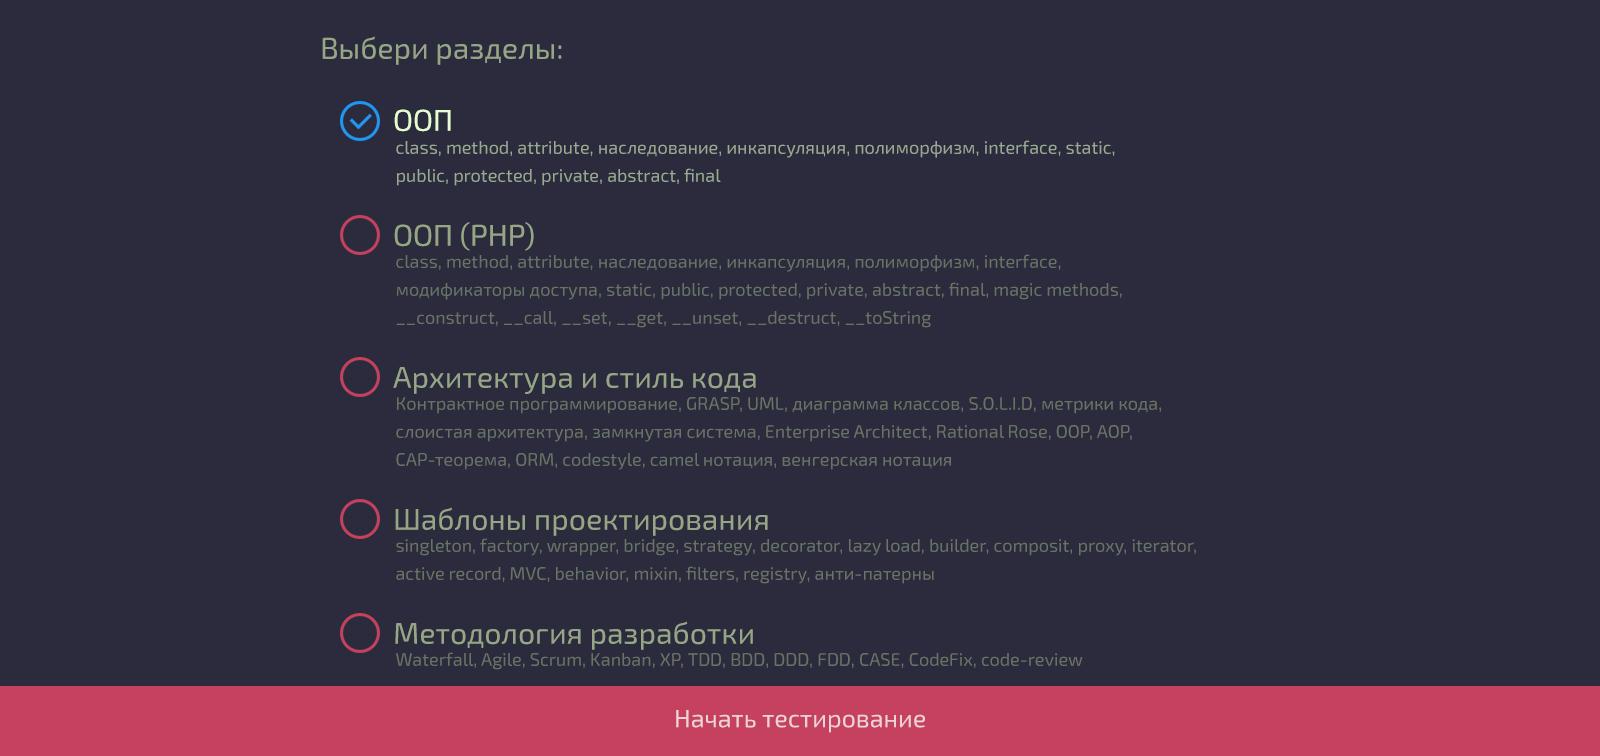 Опросник по стеку веб-технологий